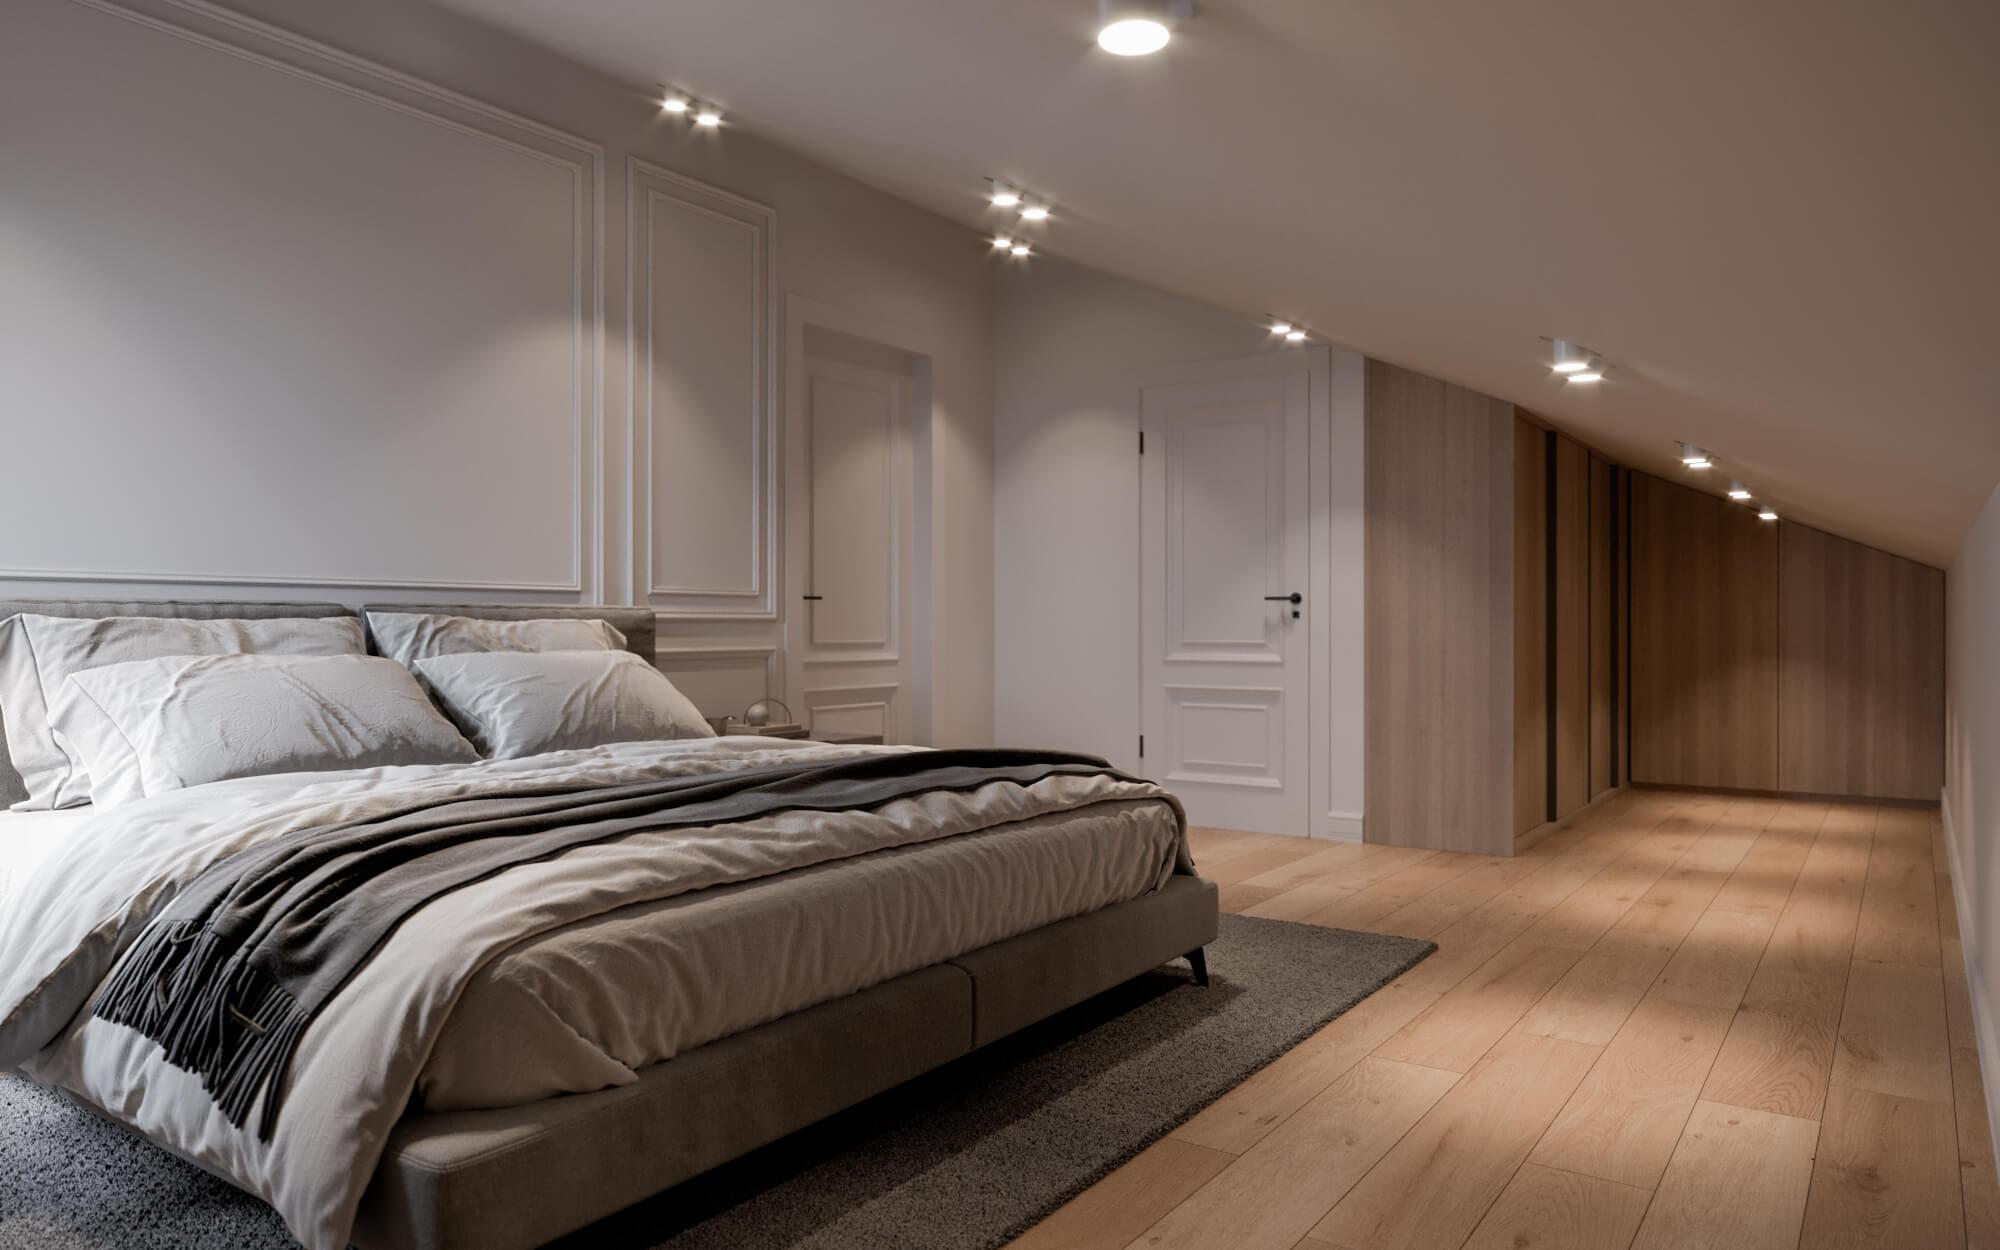 4478 Kardelen Koy House Residential